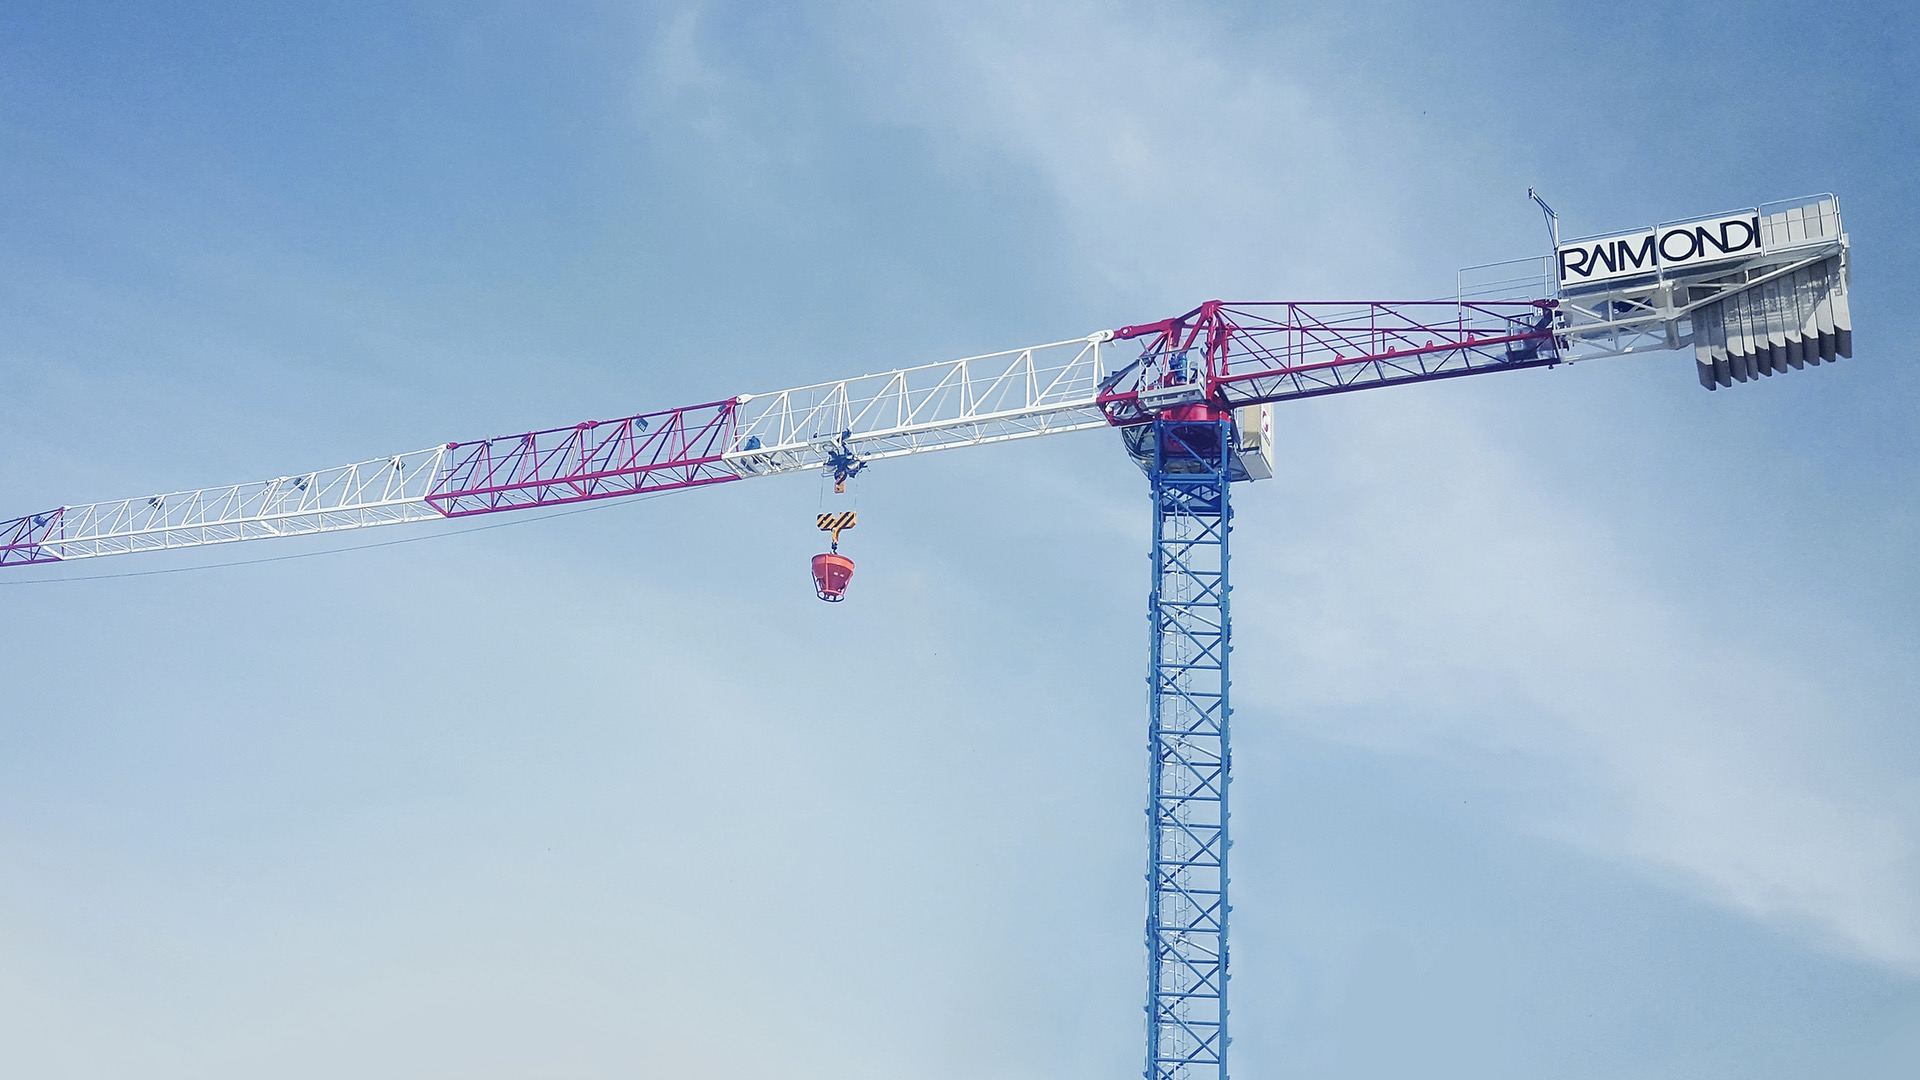 raimondi-cranes-mrt159-crane